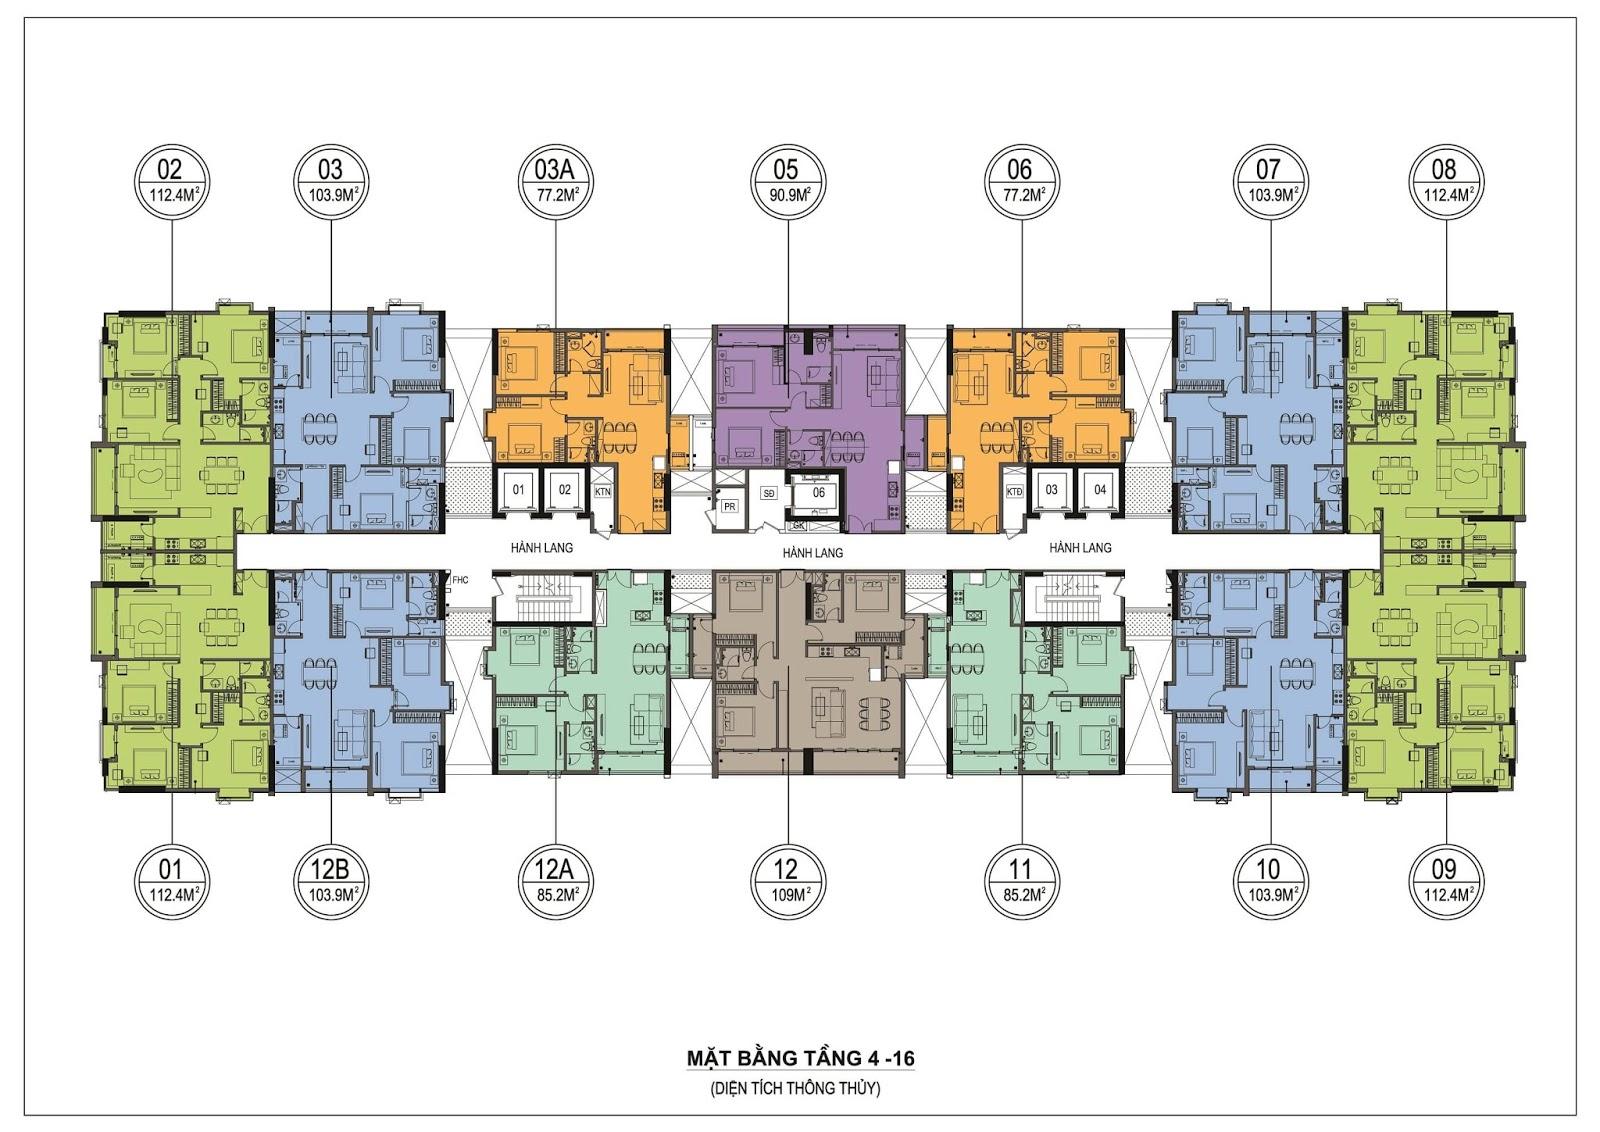 Mặt bằng tầng điển hình dự án One 18 Ngọc Lâm